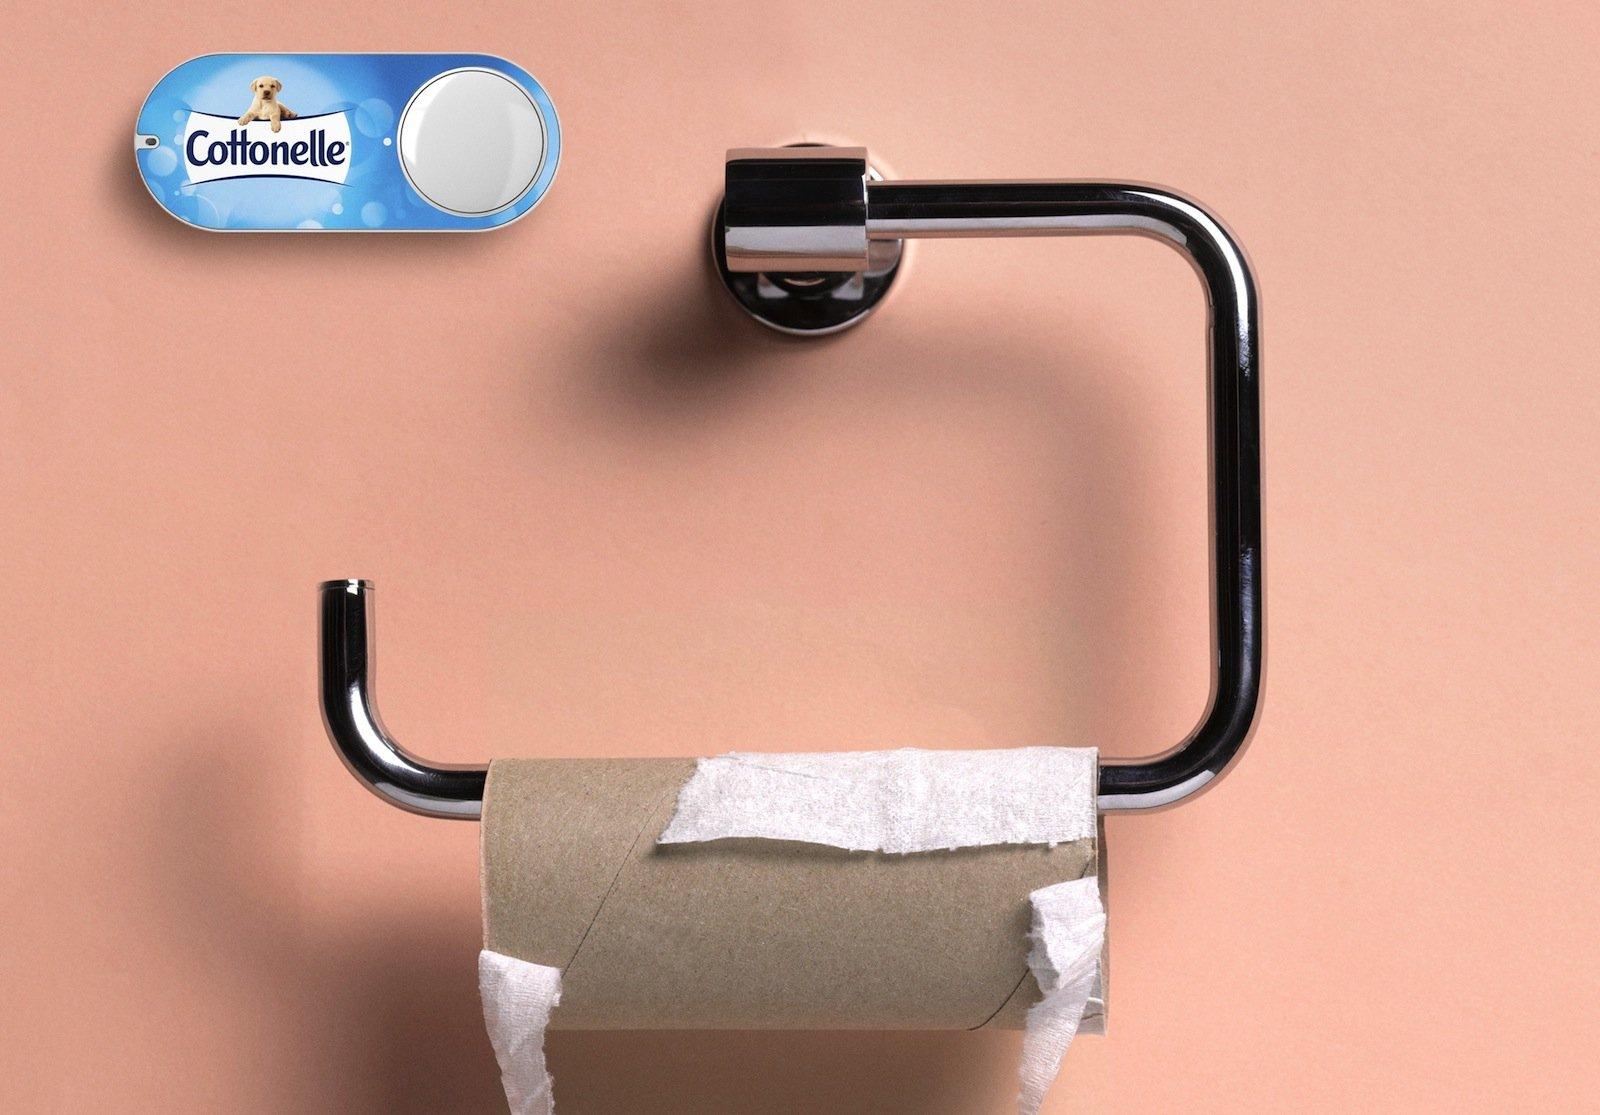 Ein bisschen im Voraus planen wäre schon sinnvoll: Wer jetzt den Dash-Button drückt, muss immerhin bis zum nächsten Tag warten, bis Toilettenpapier angeliefert wird.